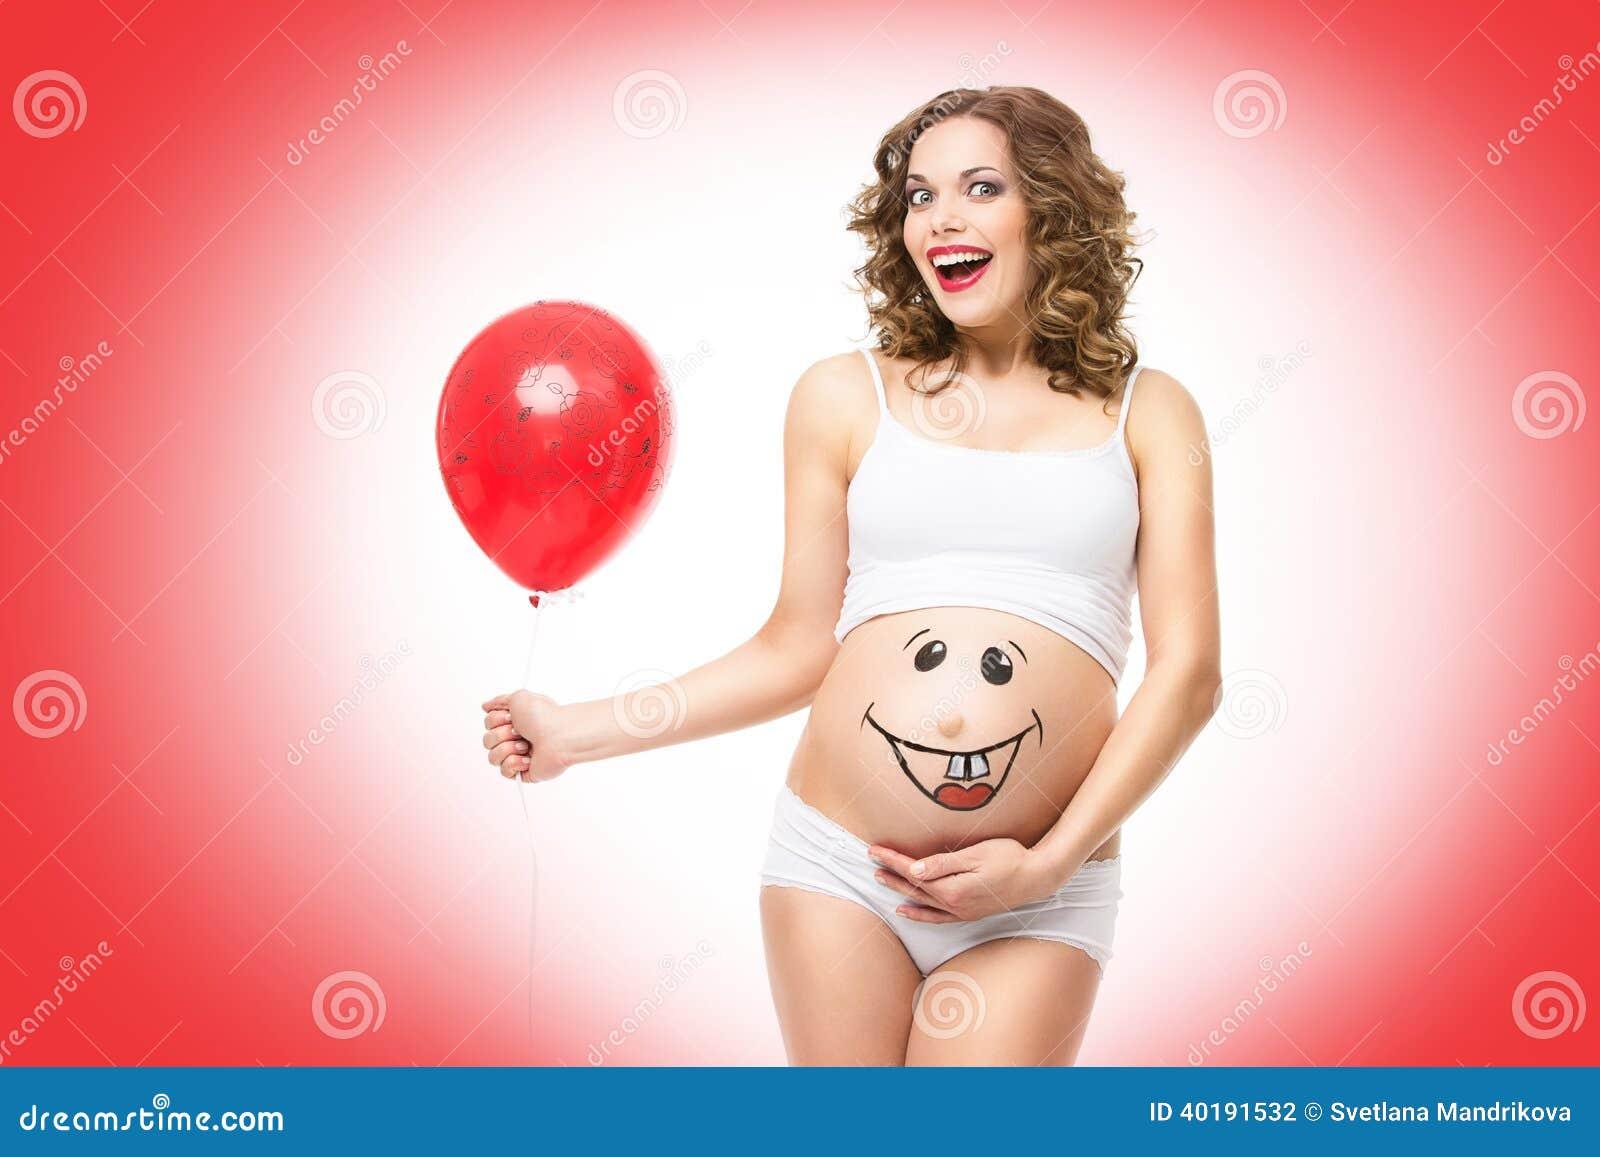 Μπαλόνι εκμετάλλευσης εγκύων γυναικών